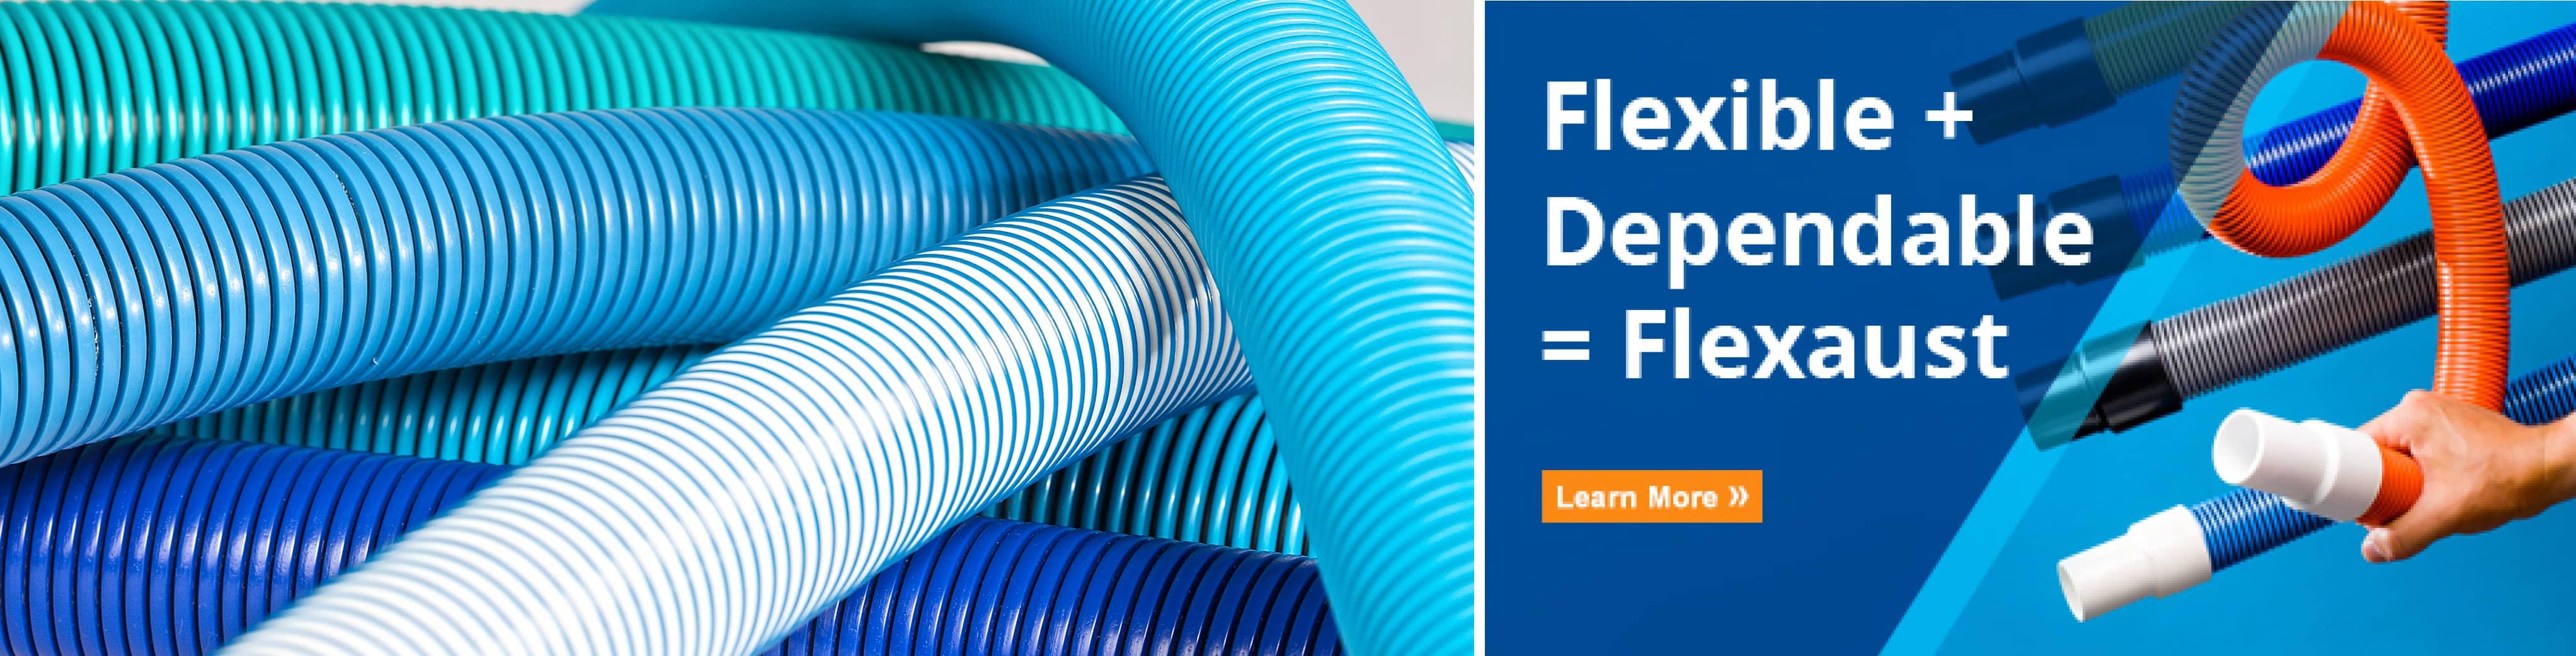 Flexible + Dependable = Flexaust